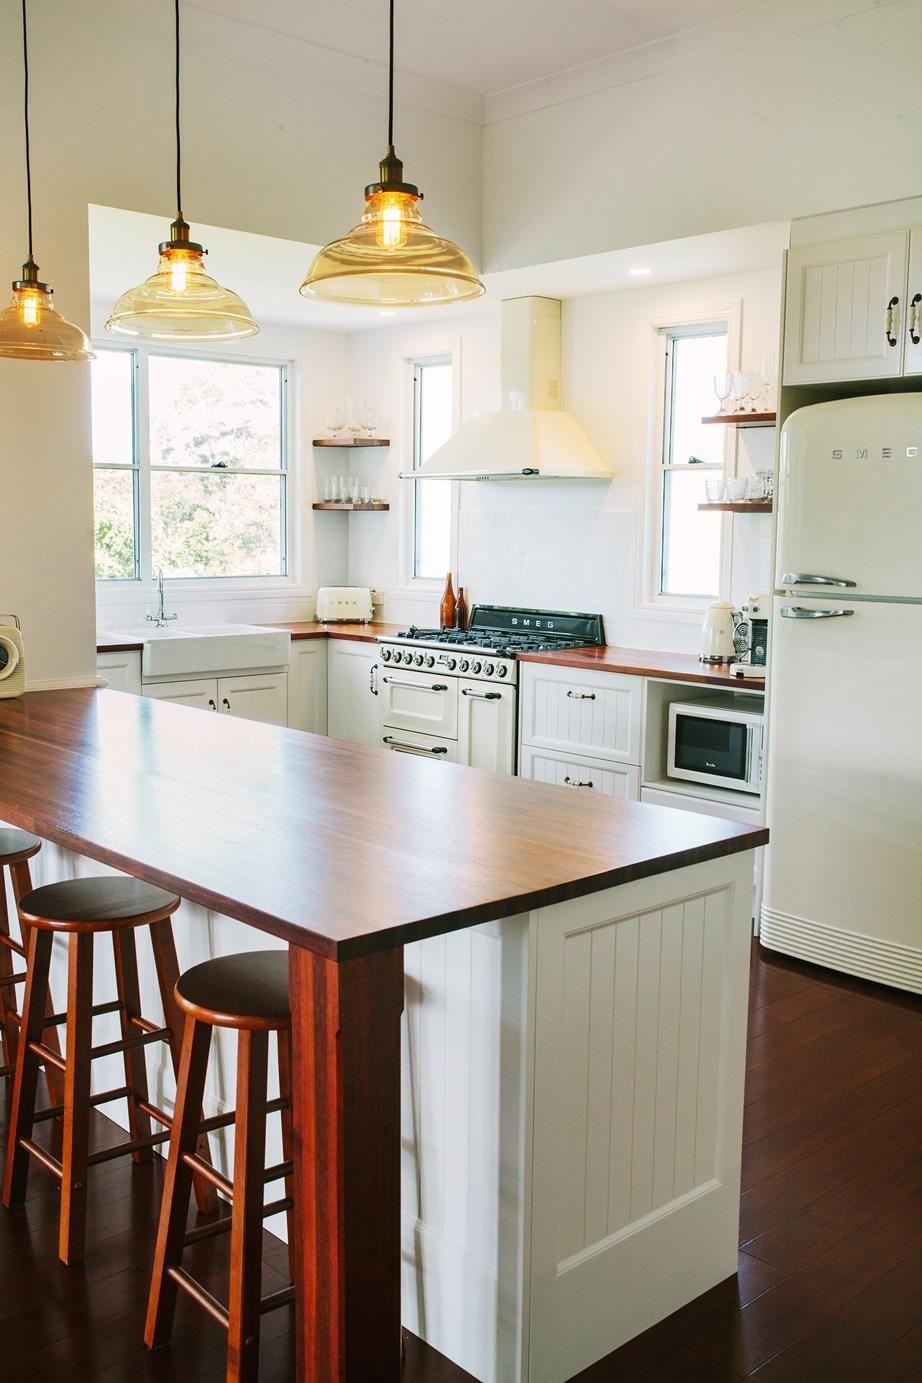 a queenslander style home with a retro modern interior modern kitchen design budget kitchen on kitchen interior queenslander id=34757